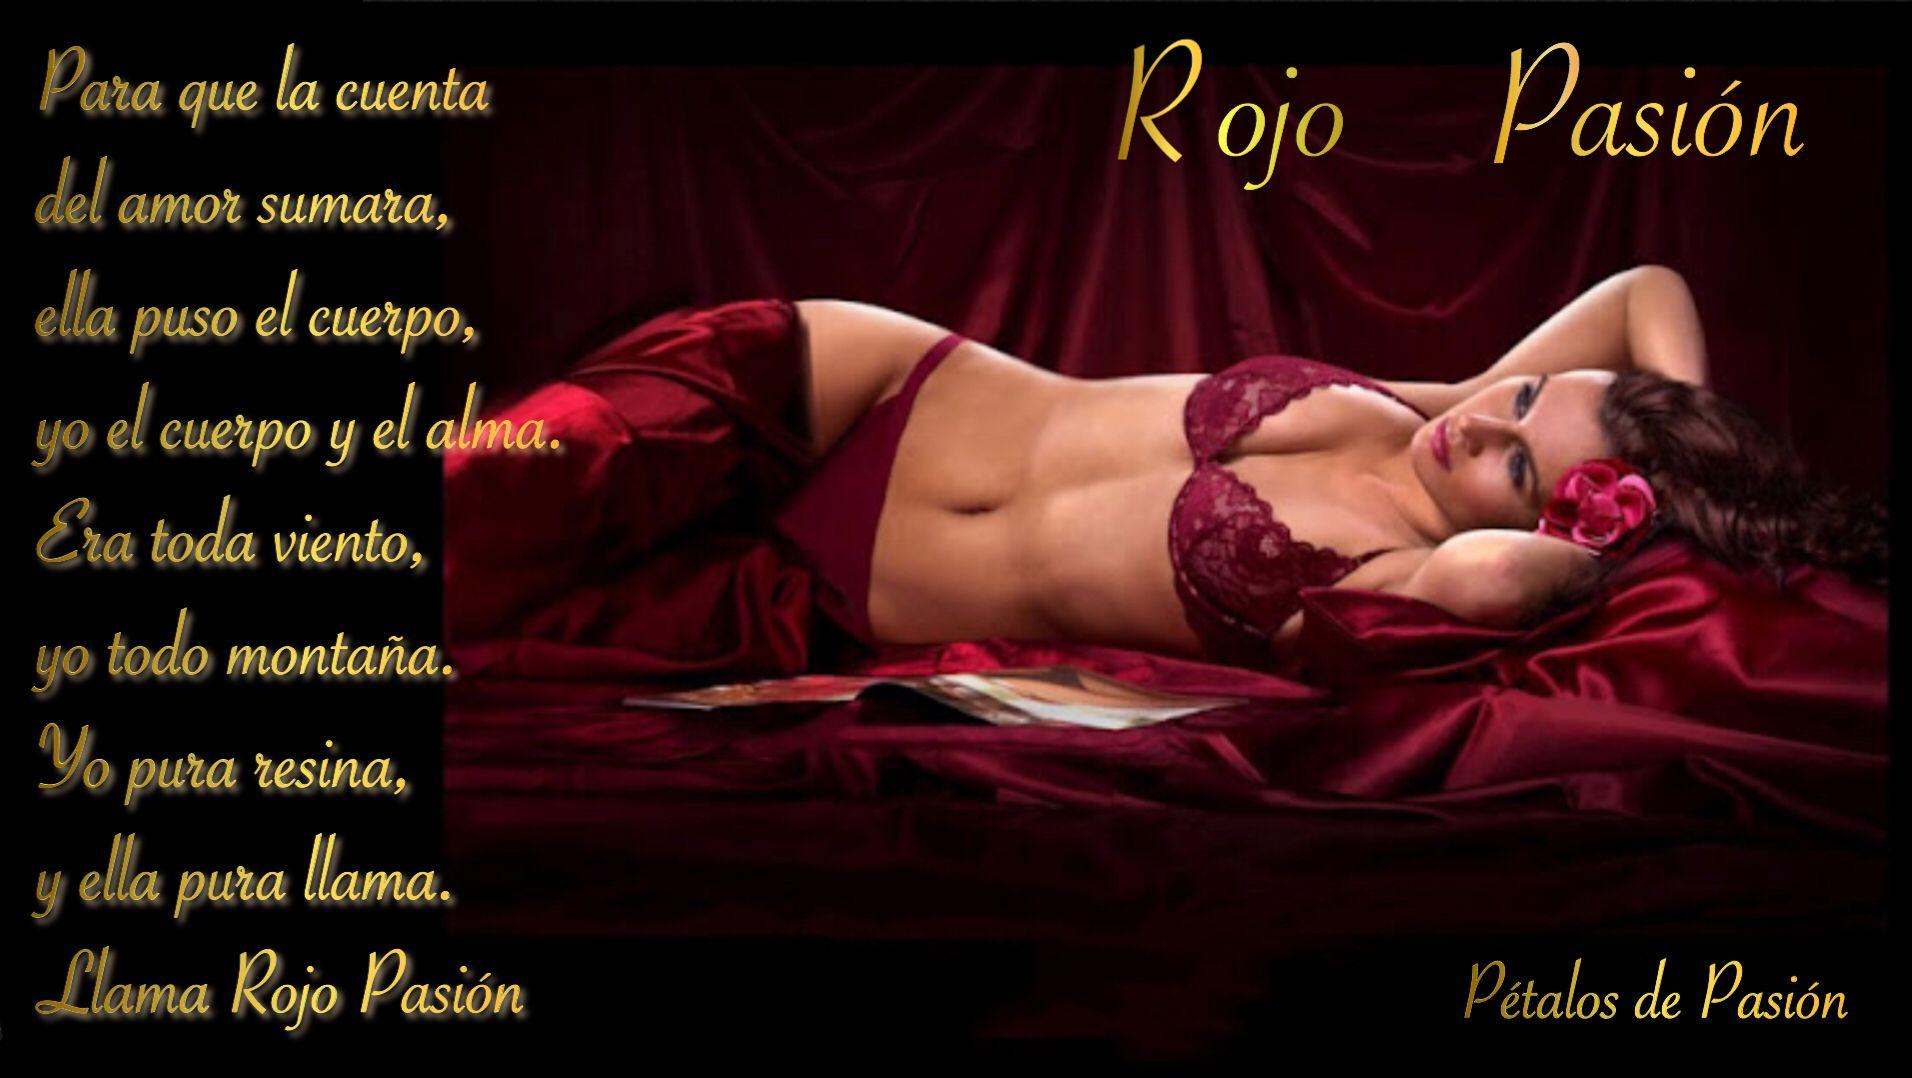 ROJO PASION        BY ALEJANDRO   Para que la cuenta del amor sumara, ella puso el cuerpo, yo el cuerpo y el alma. Era toda viento, yo todo montaña. Yo pura resina, y ella pura llama. Llama Rojo Pasión   By Alejandro